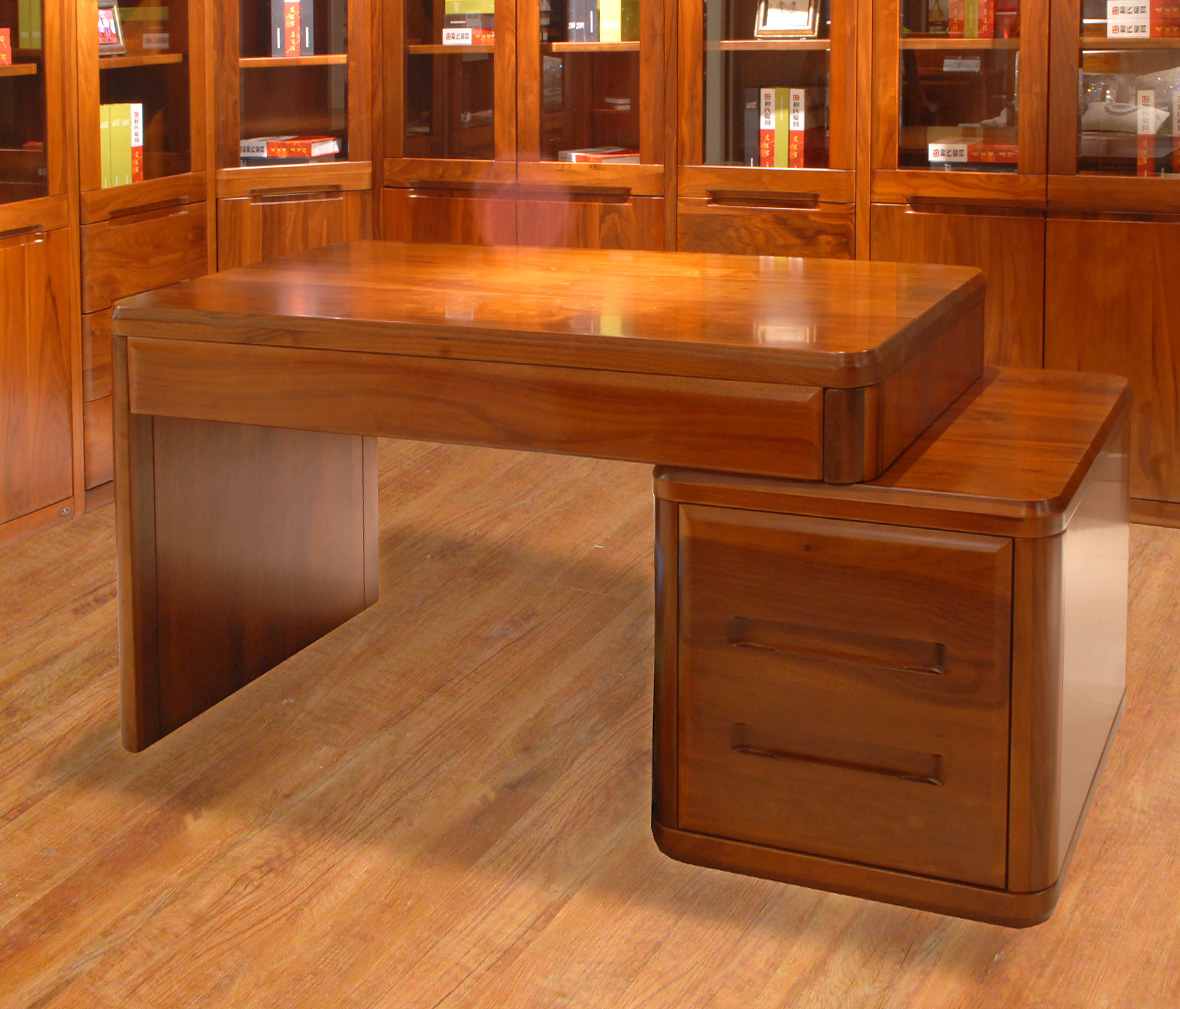 赖氏家具 胡桃木写字台(整套)lsg02型号 进口实木 现代简约风格